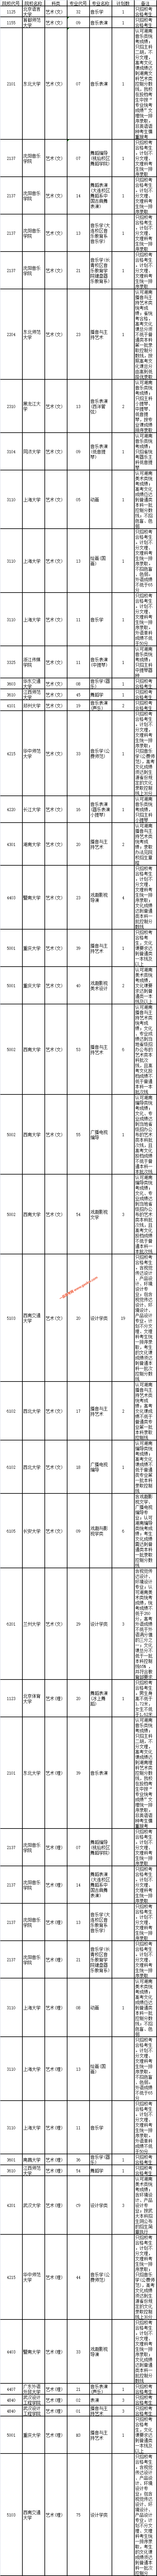 湖南省2019年高考提前批艺术类院校非平行组征集志愿计划